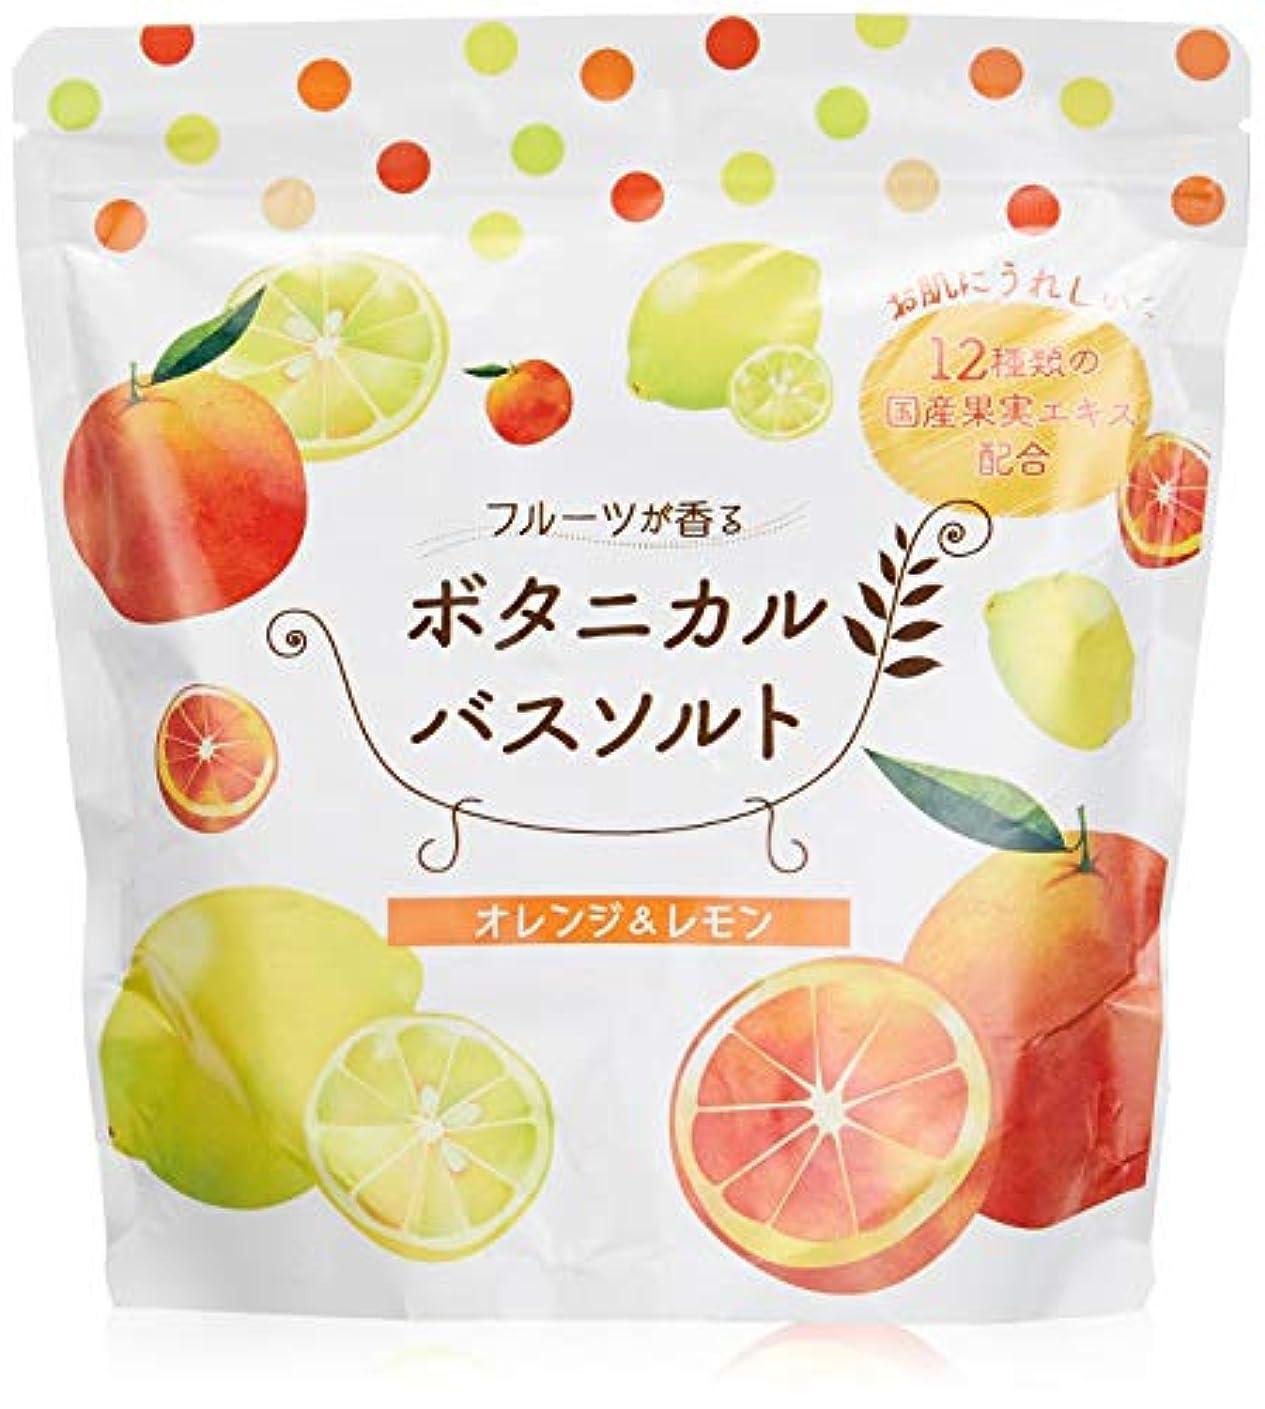 医療過誤減衰小麦松田医薬品 フルーツが香るボタニカルバスソルト 入浴剤 オレンジ レモン 450g